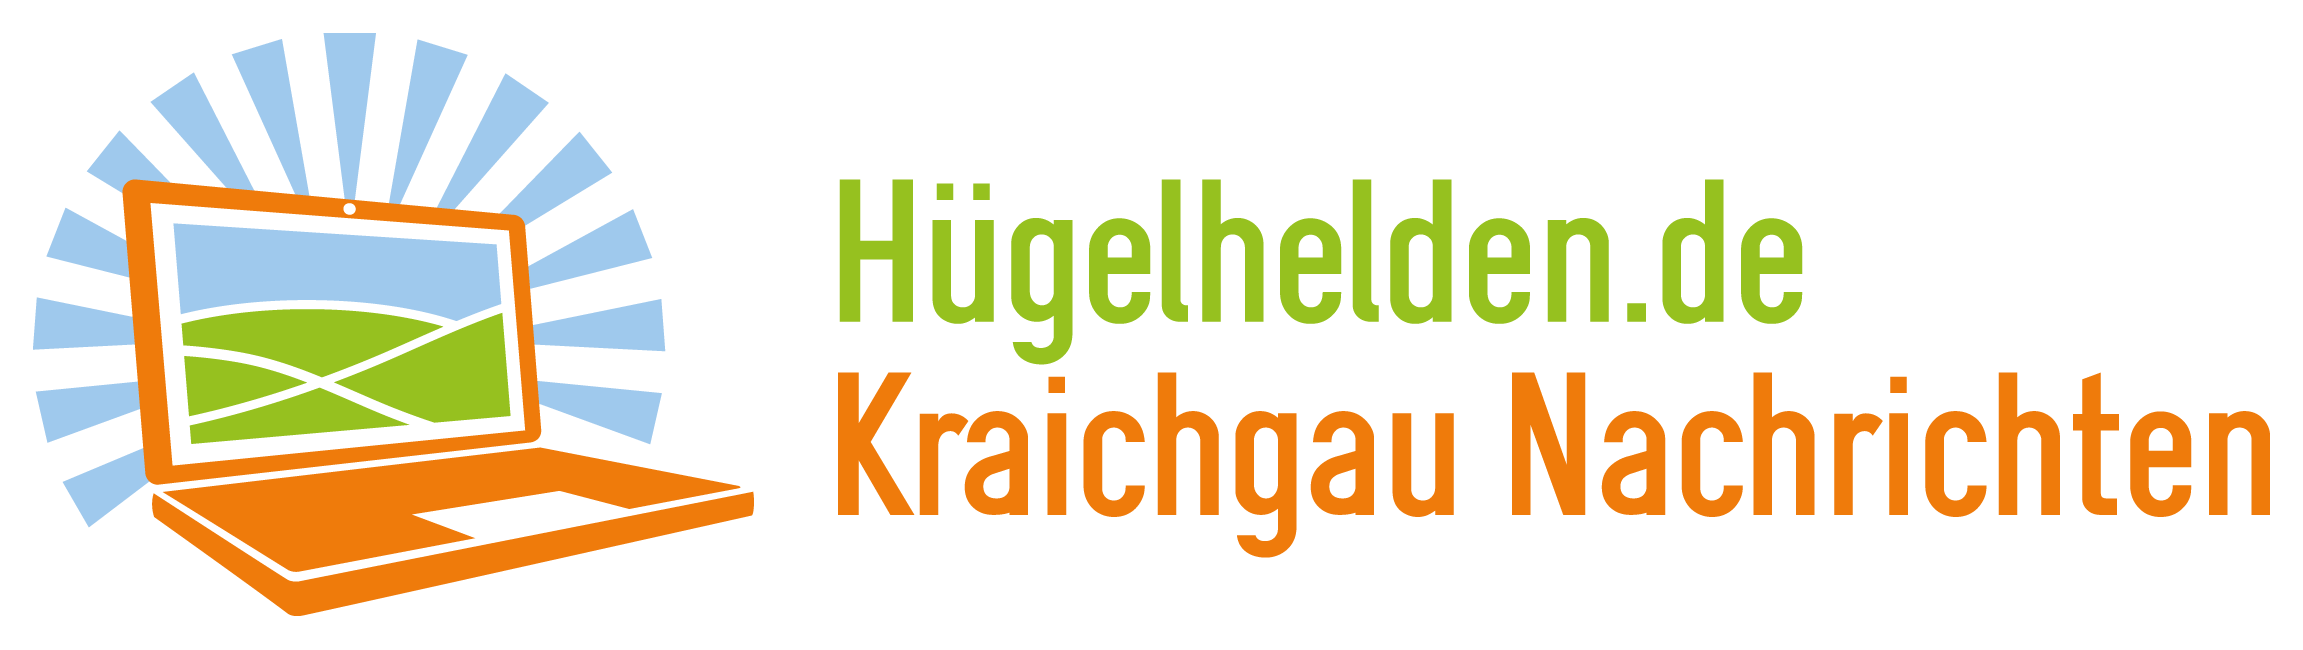 Hügelhelden.de